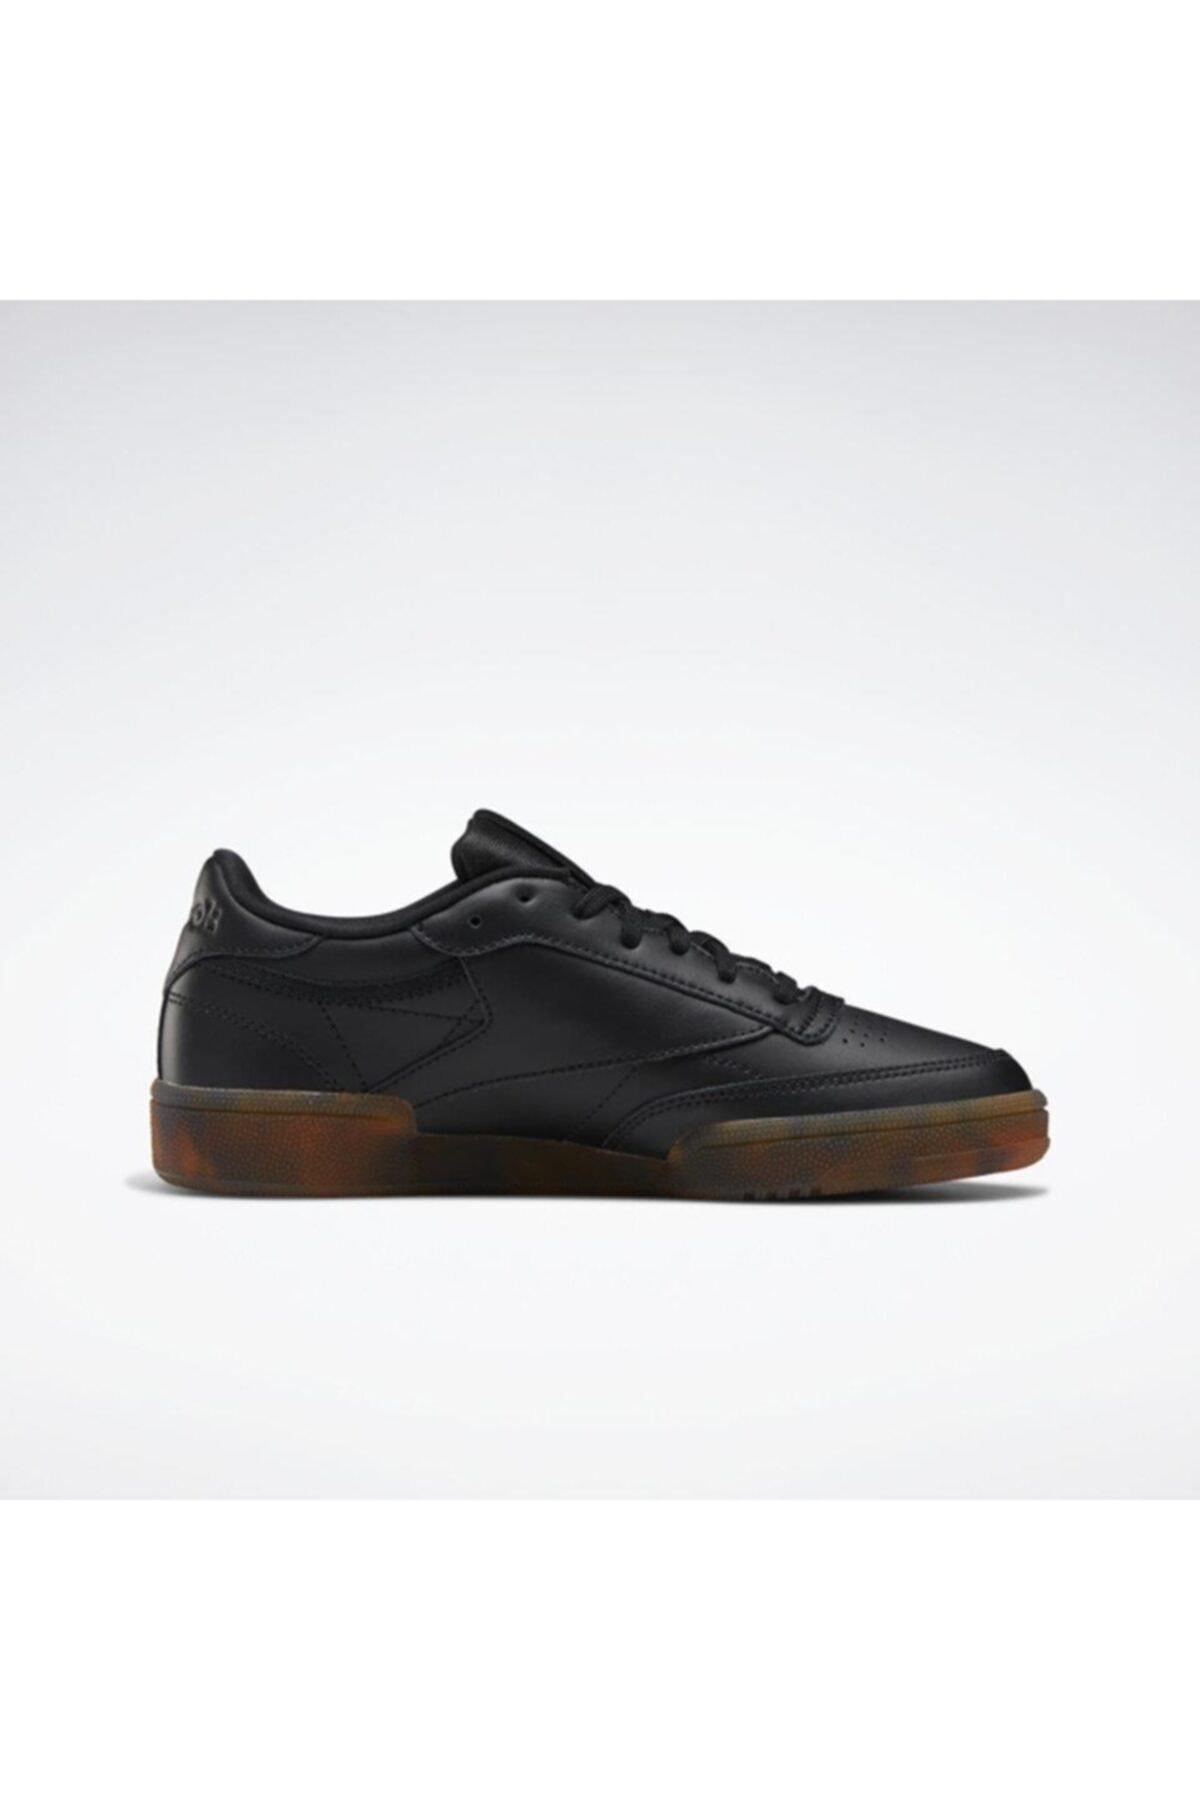 Reebok Eh1511 Club C 85 Kadın Günlük Siyah Spor Ayakkabı 2